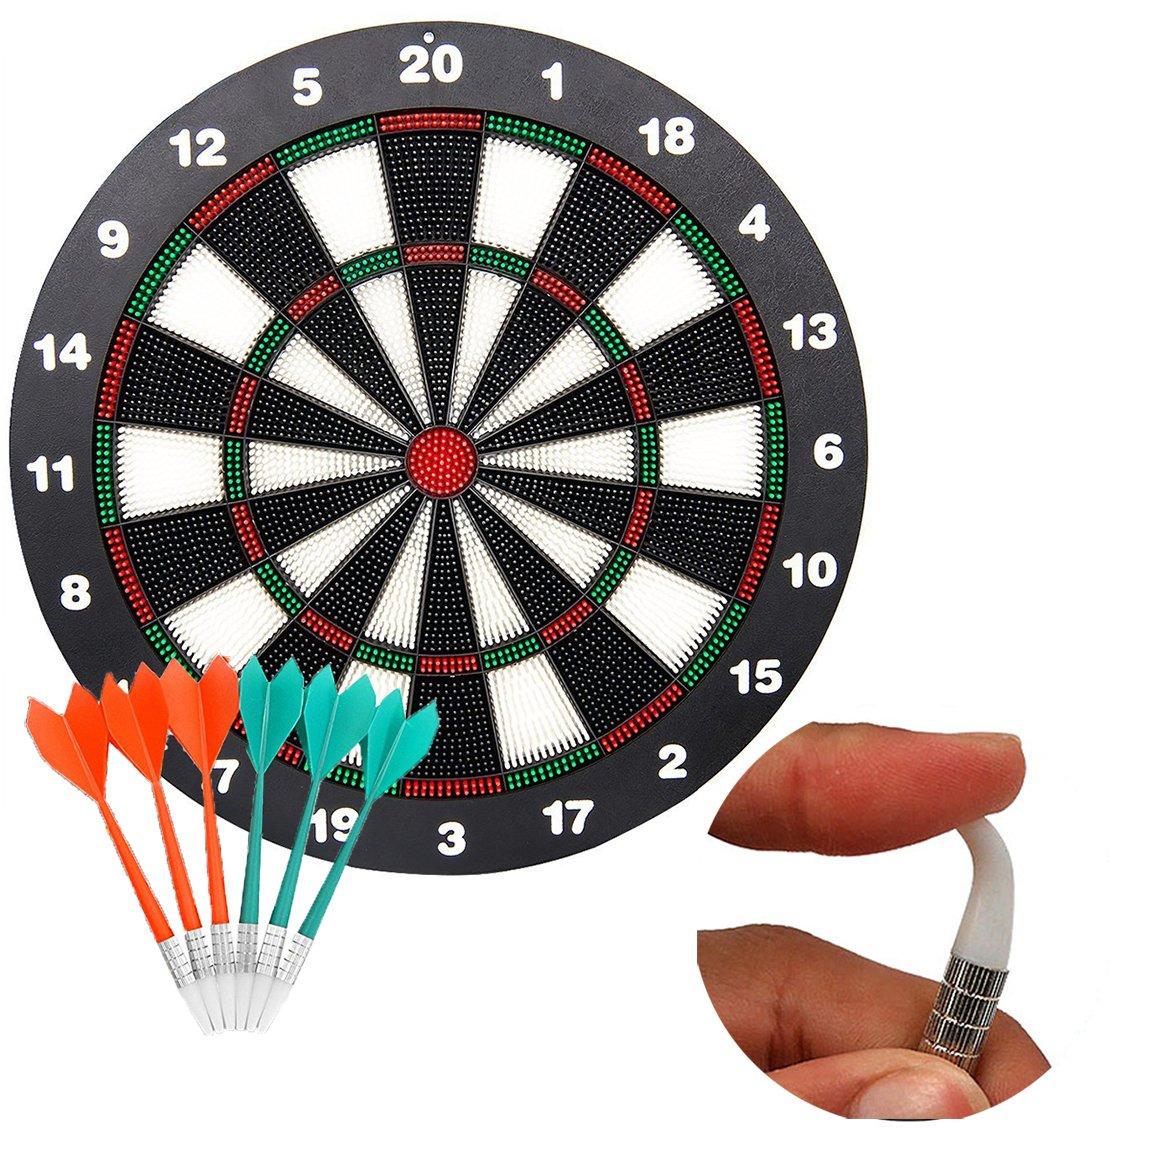 Professional Dartboard set con 6pcs sicuro punta morbida freccette /Great Games for Kids children Punta morbida sicurezza freccette e freccette/